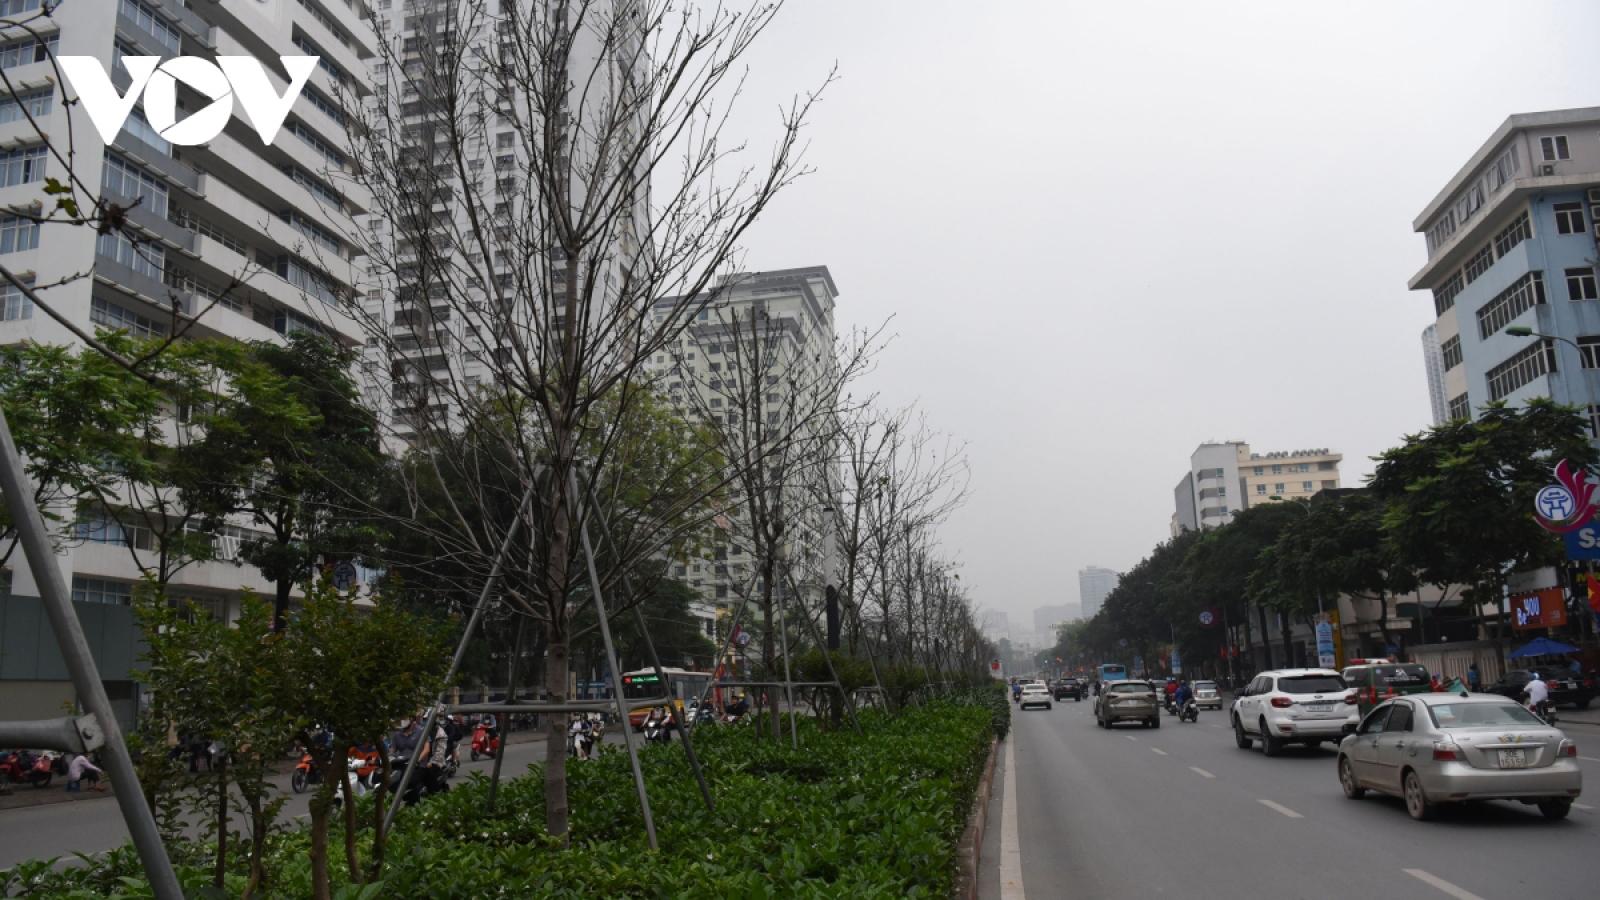 Phong lá đỏ ở Hà Nội chết yểu: Ý đồ tốt nhưng thực hiện quá vội vàng